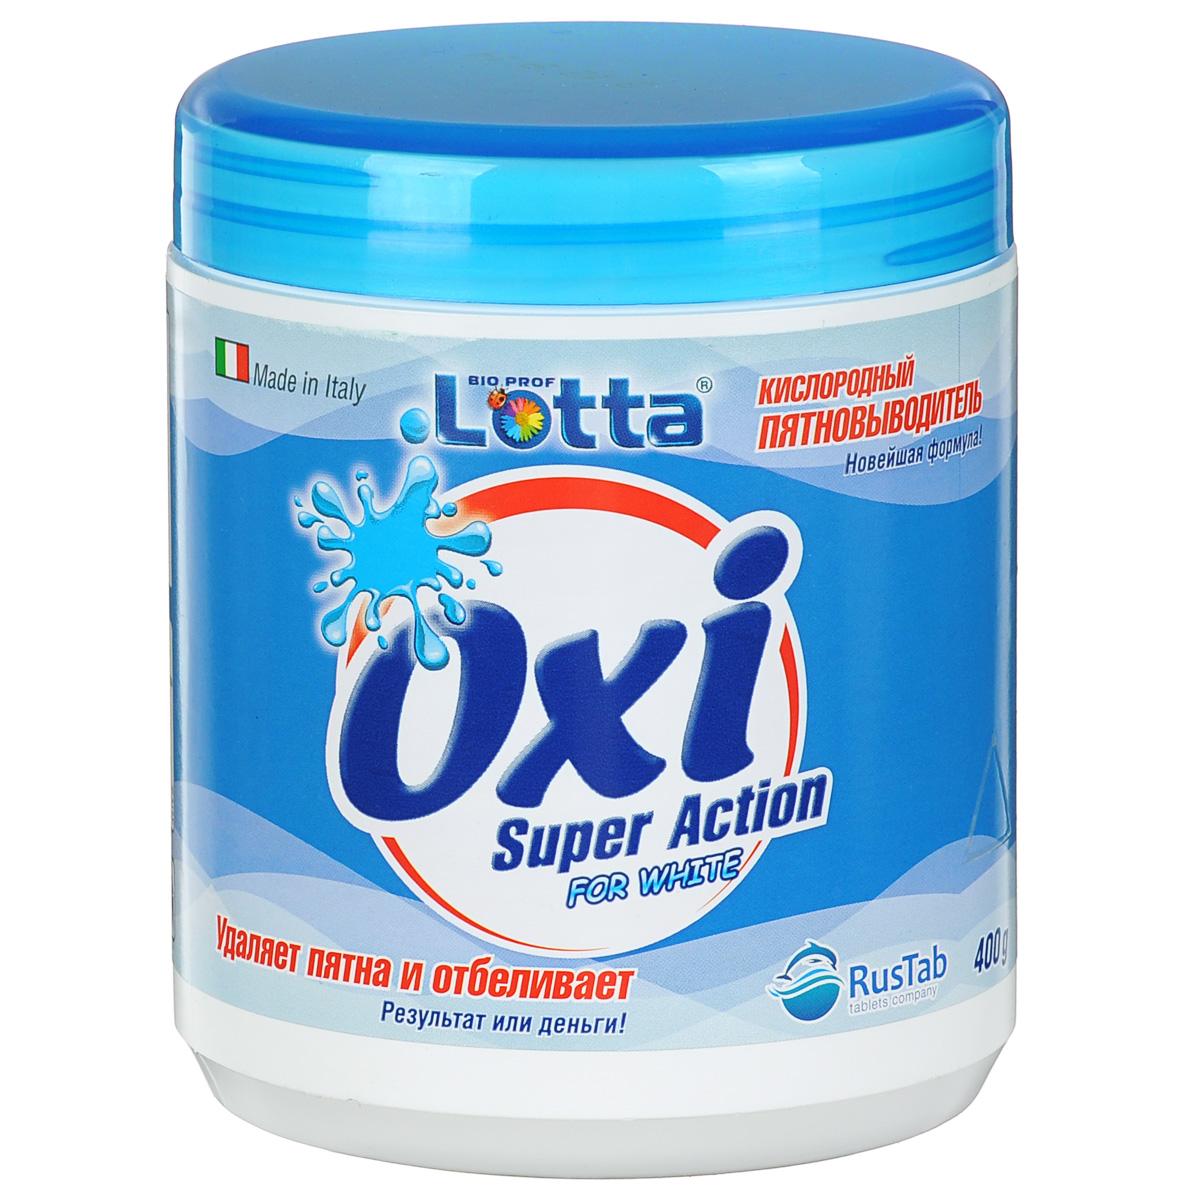 Пятновыводитель для белого белья Lotta Oxi, кислородный, 400 г пятновыводитель для цветного белья lotta oxi кислородный 750 г